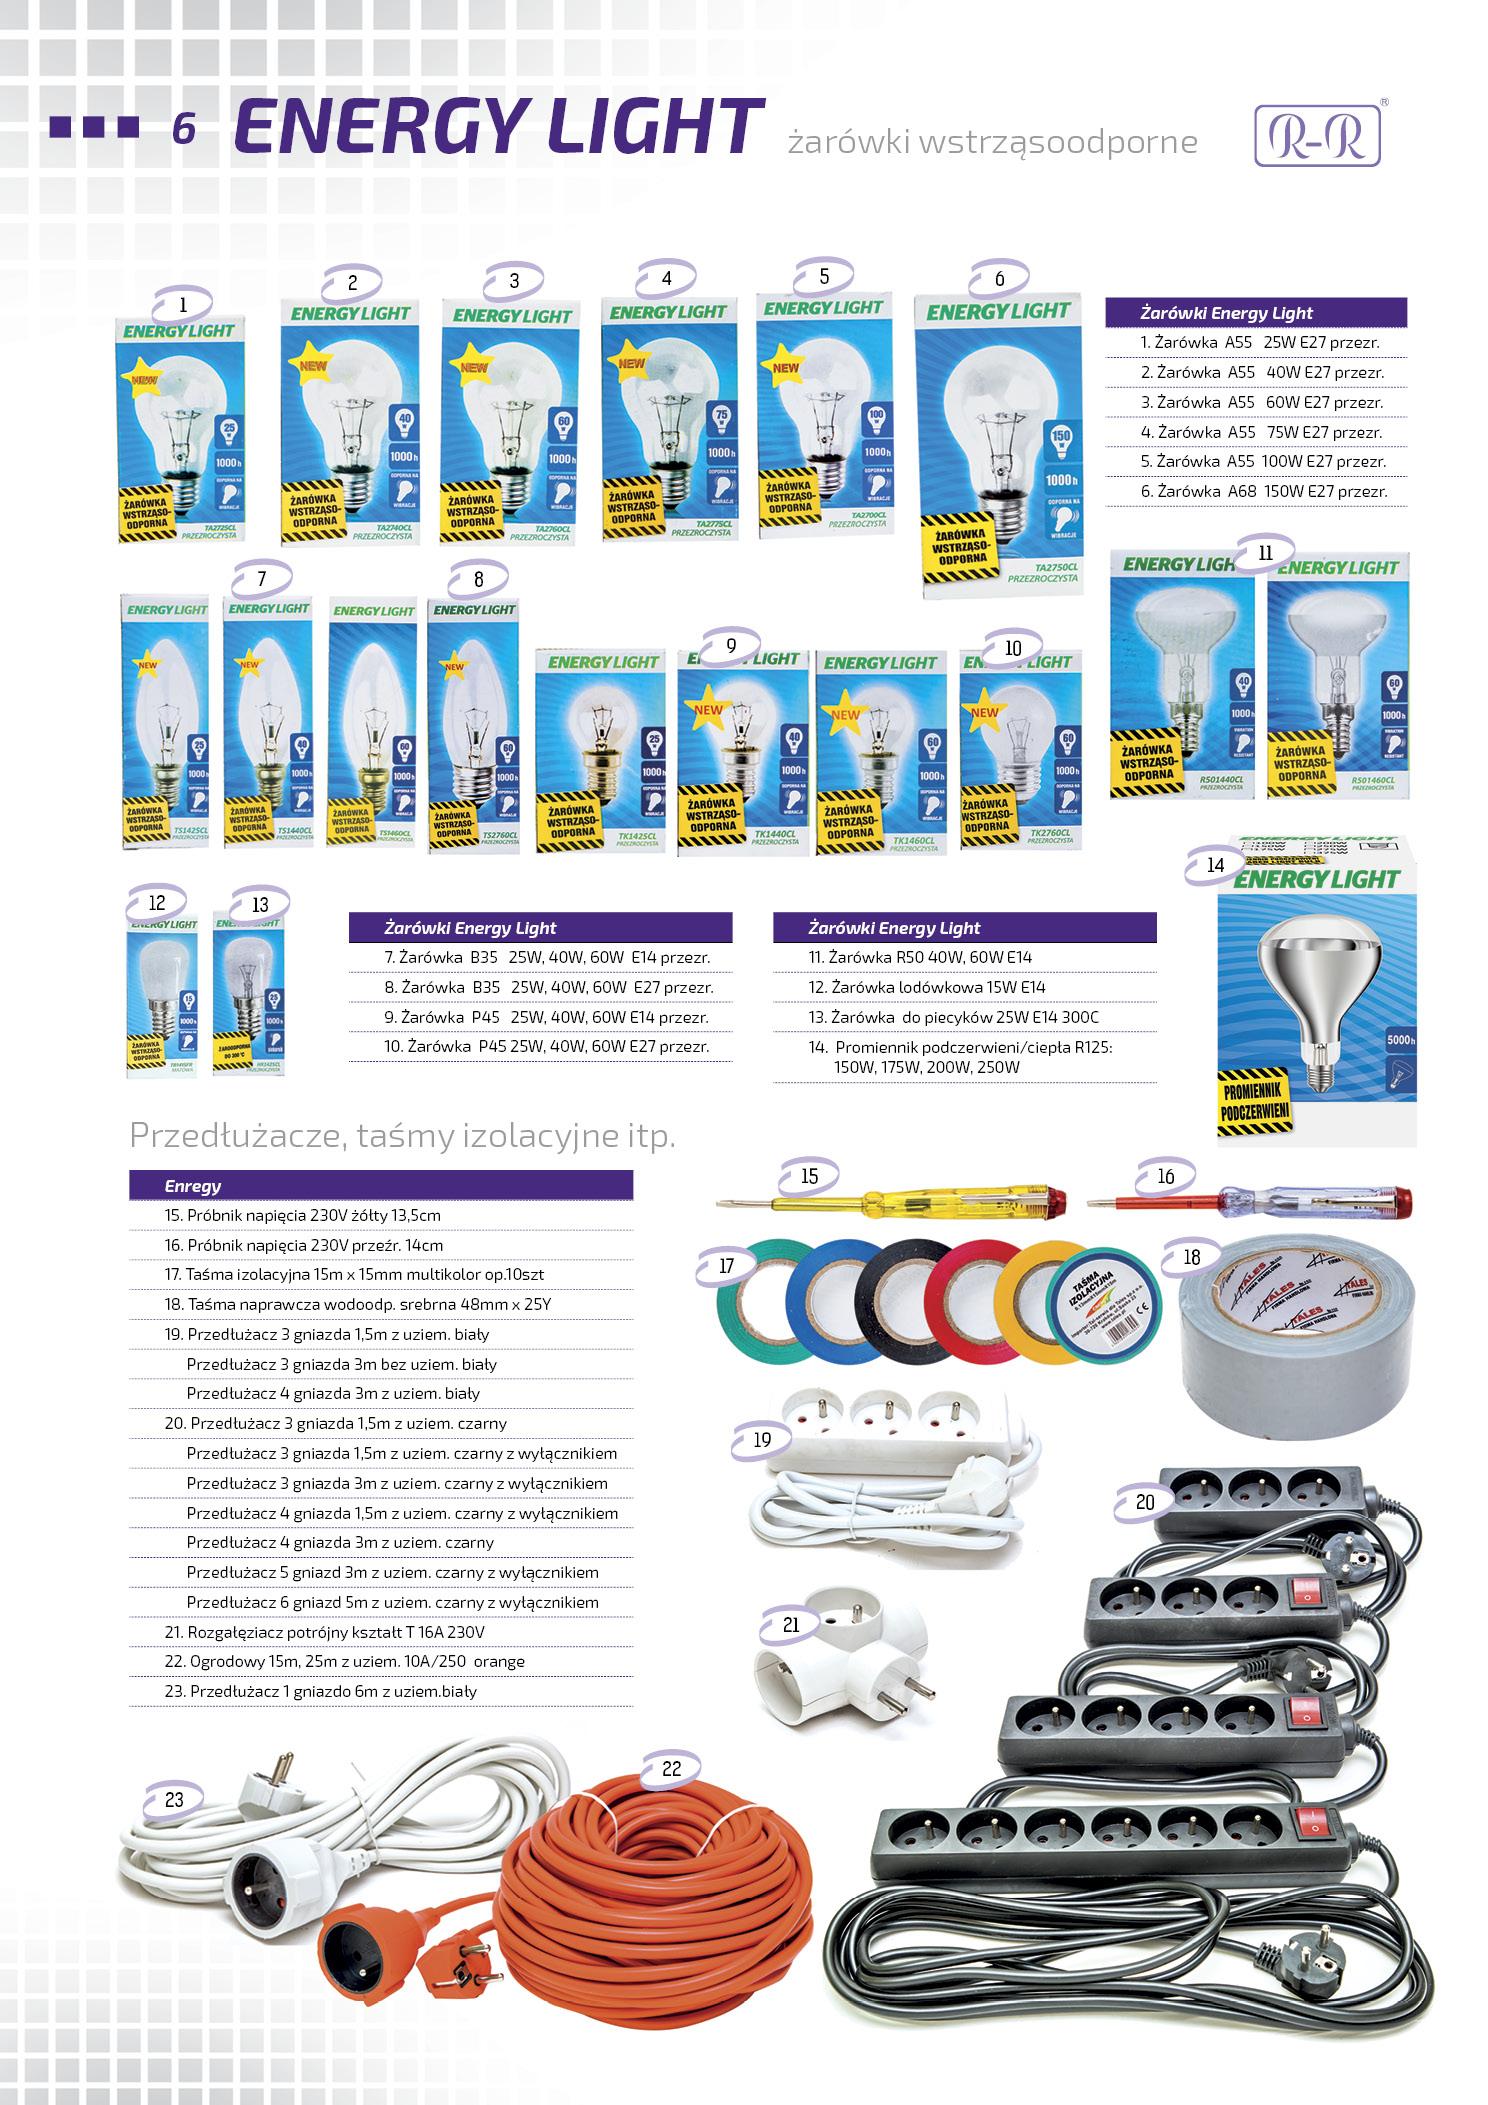 Żarówki tradycyjne Energy Light / Przedłużacze / Taśmy izolacyjne